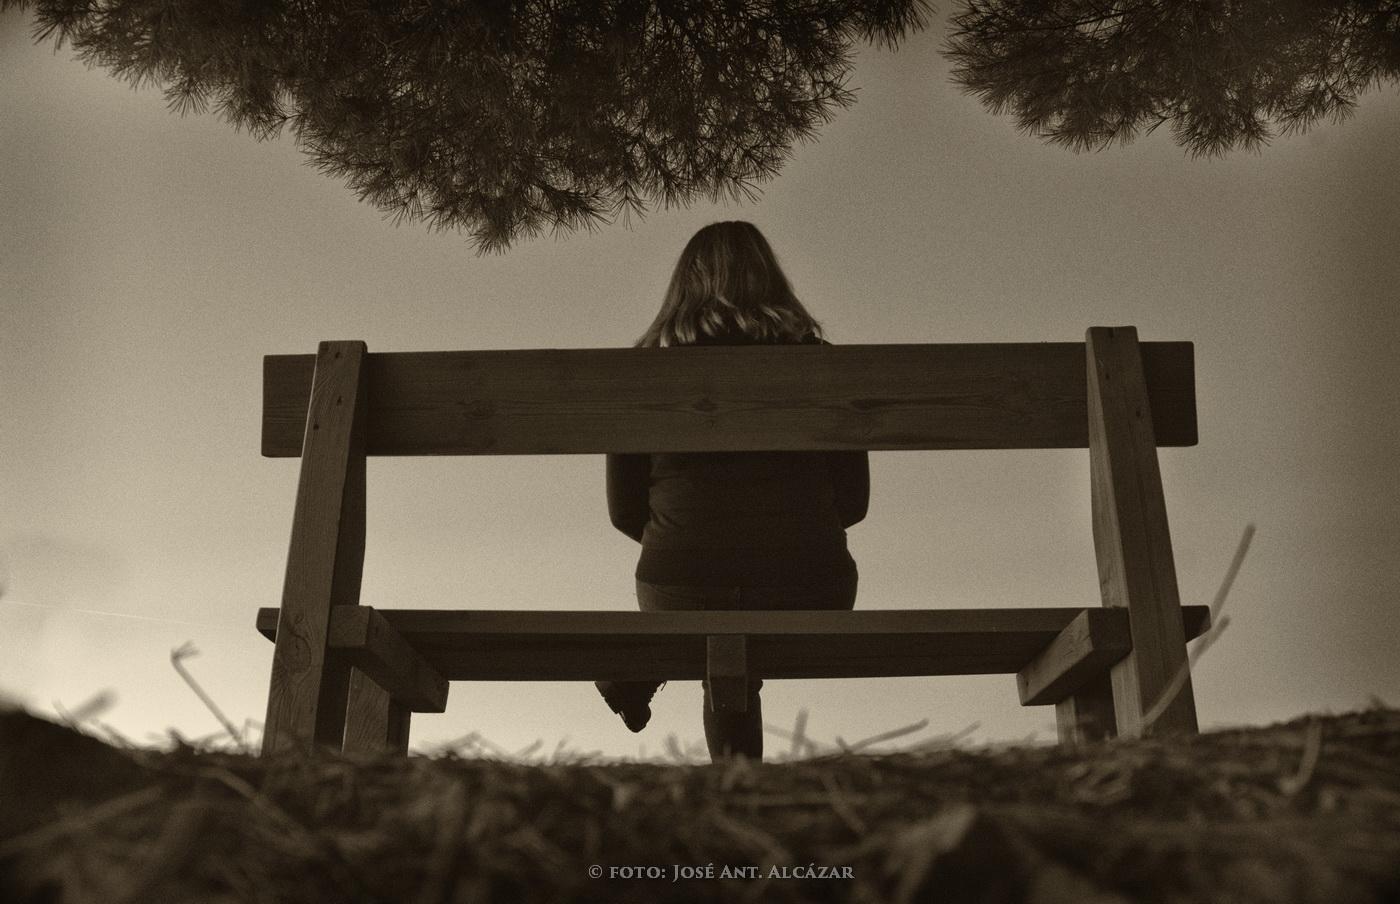 Foto en blanco y negro, con virage sepia, de una chica de espaldas, sentada en un banco.